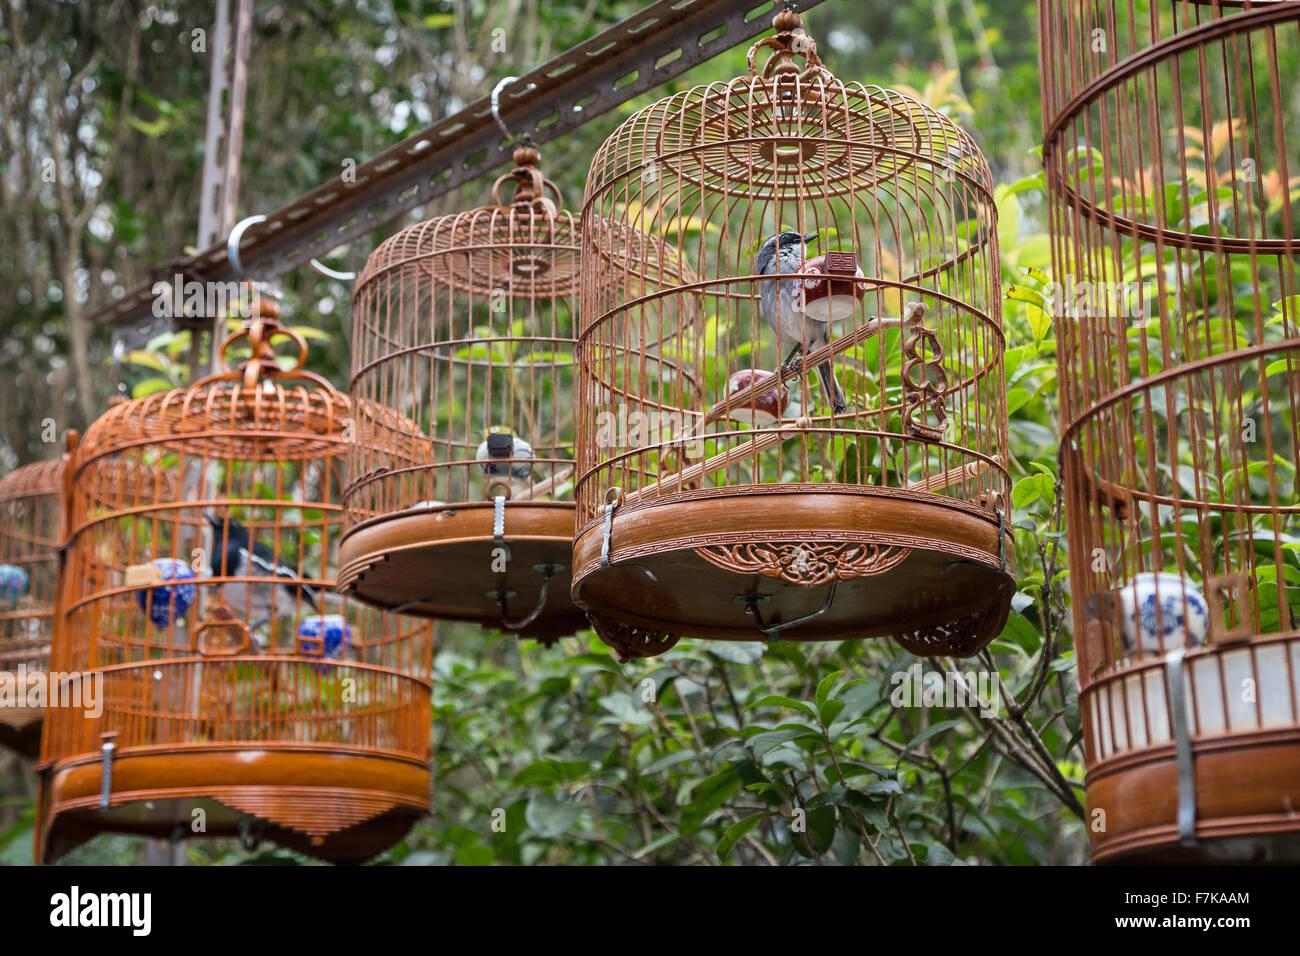 The Birdcage Hong Kong Stock Photos & The Birdcage Hong Kong Stock ...